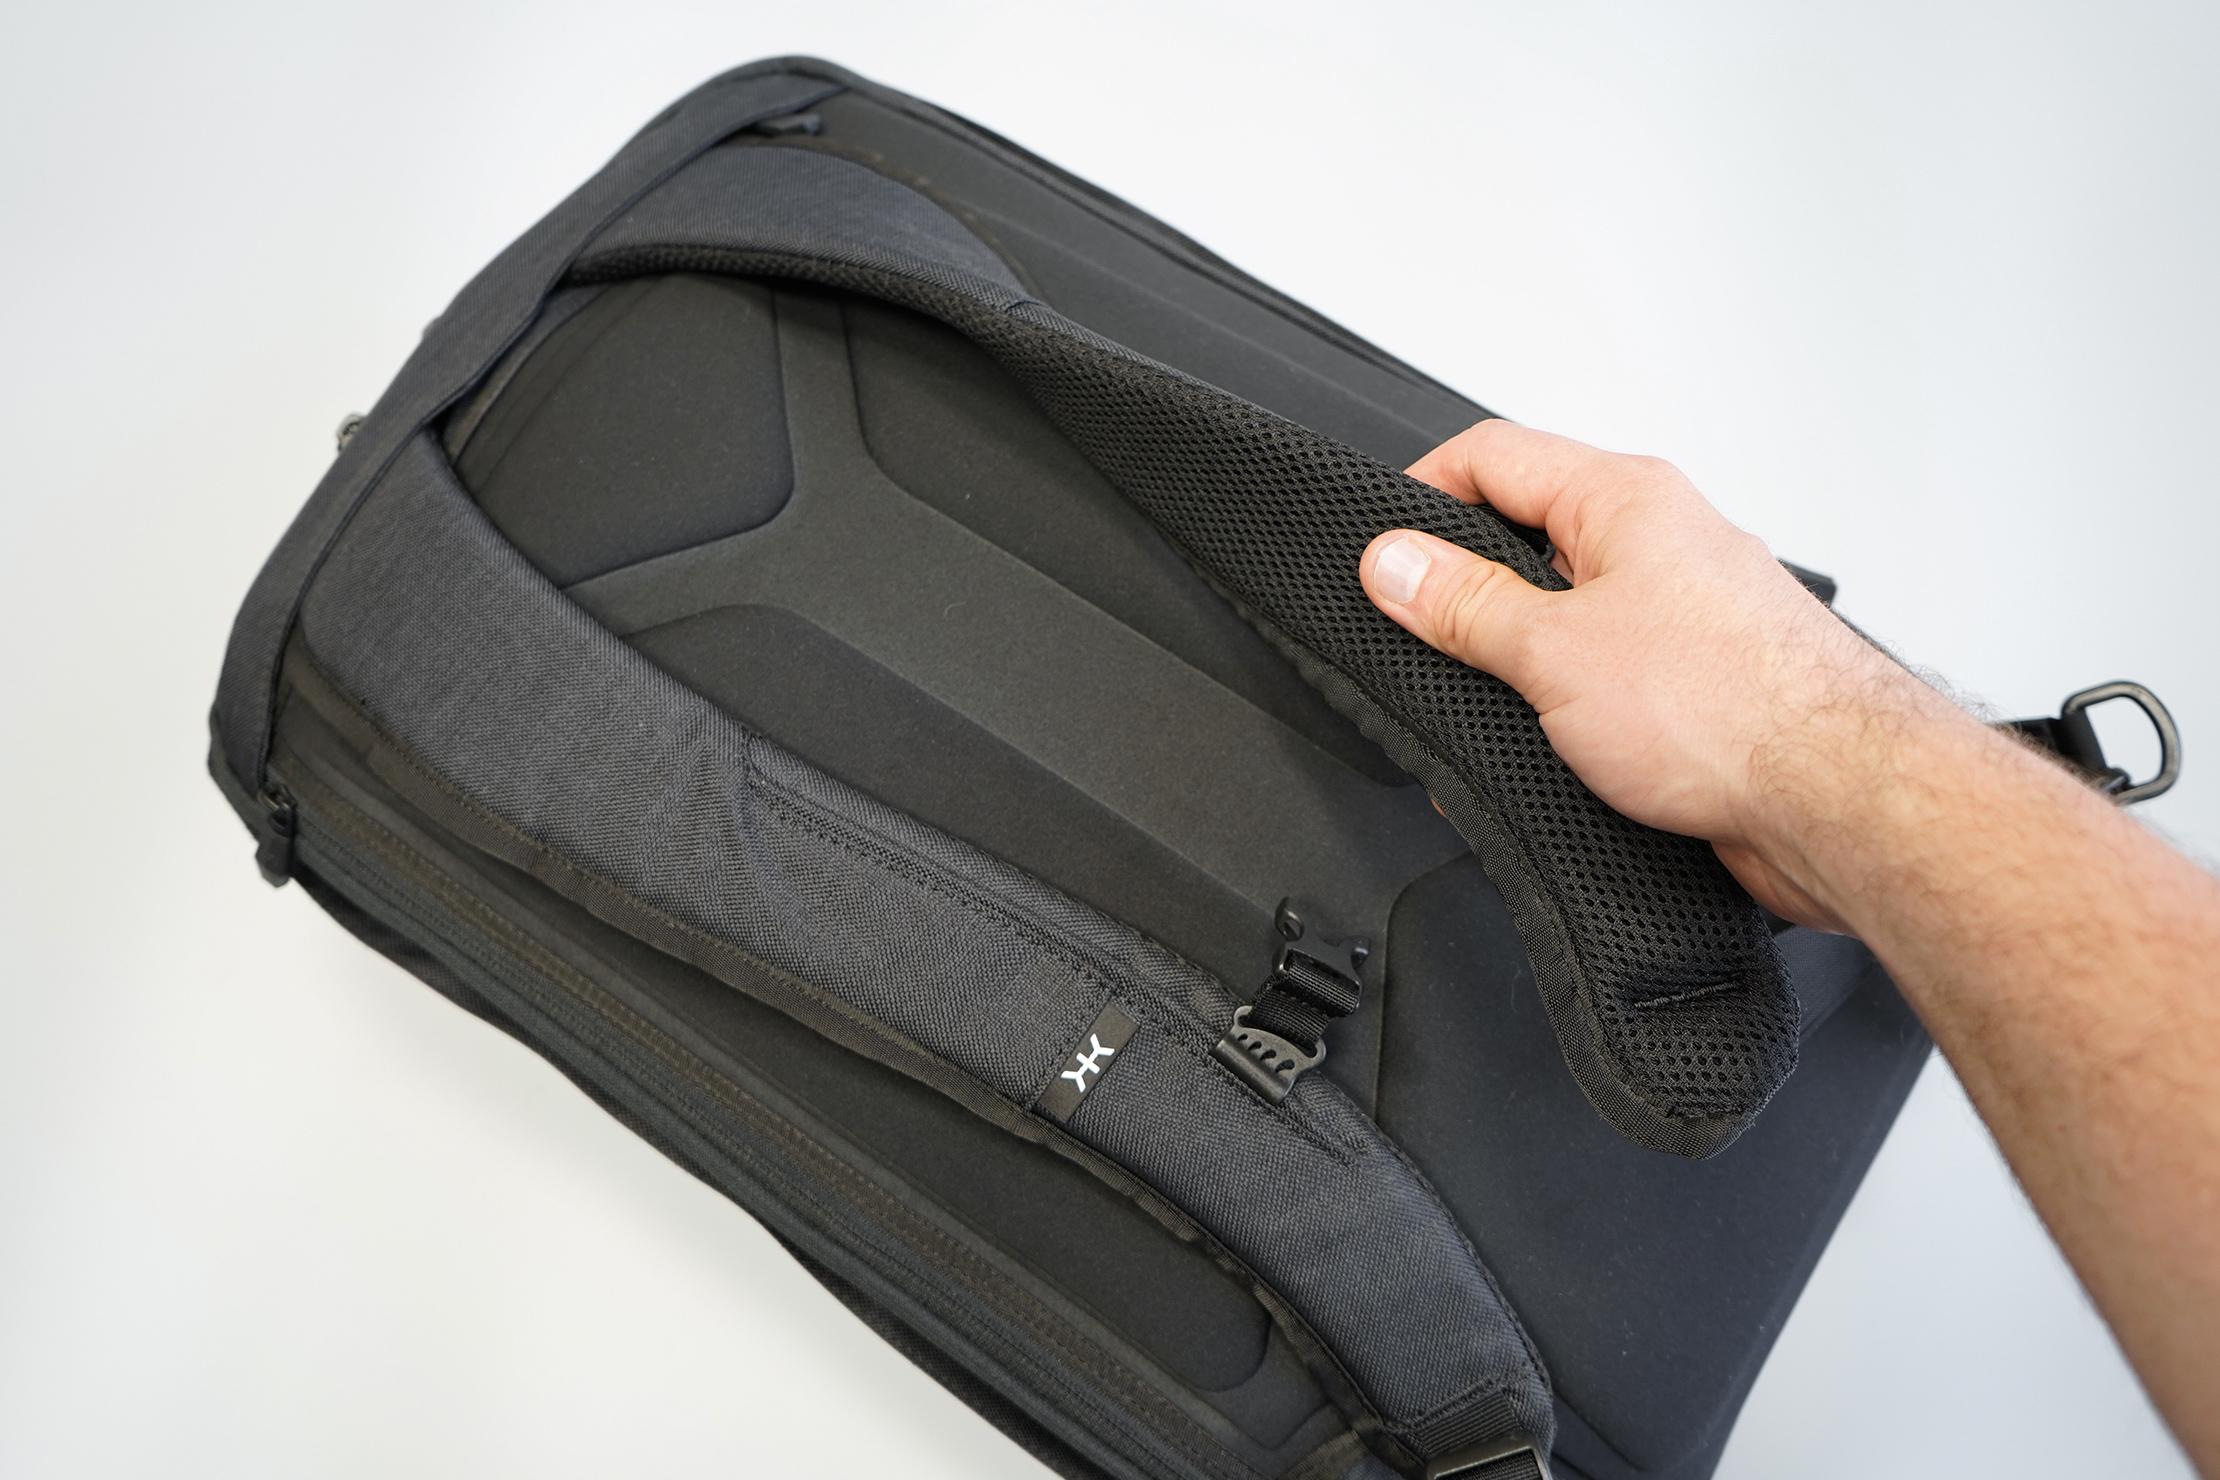 Knack Large Expandable Pack Shoulder Straps